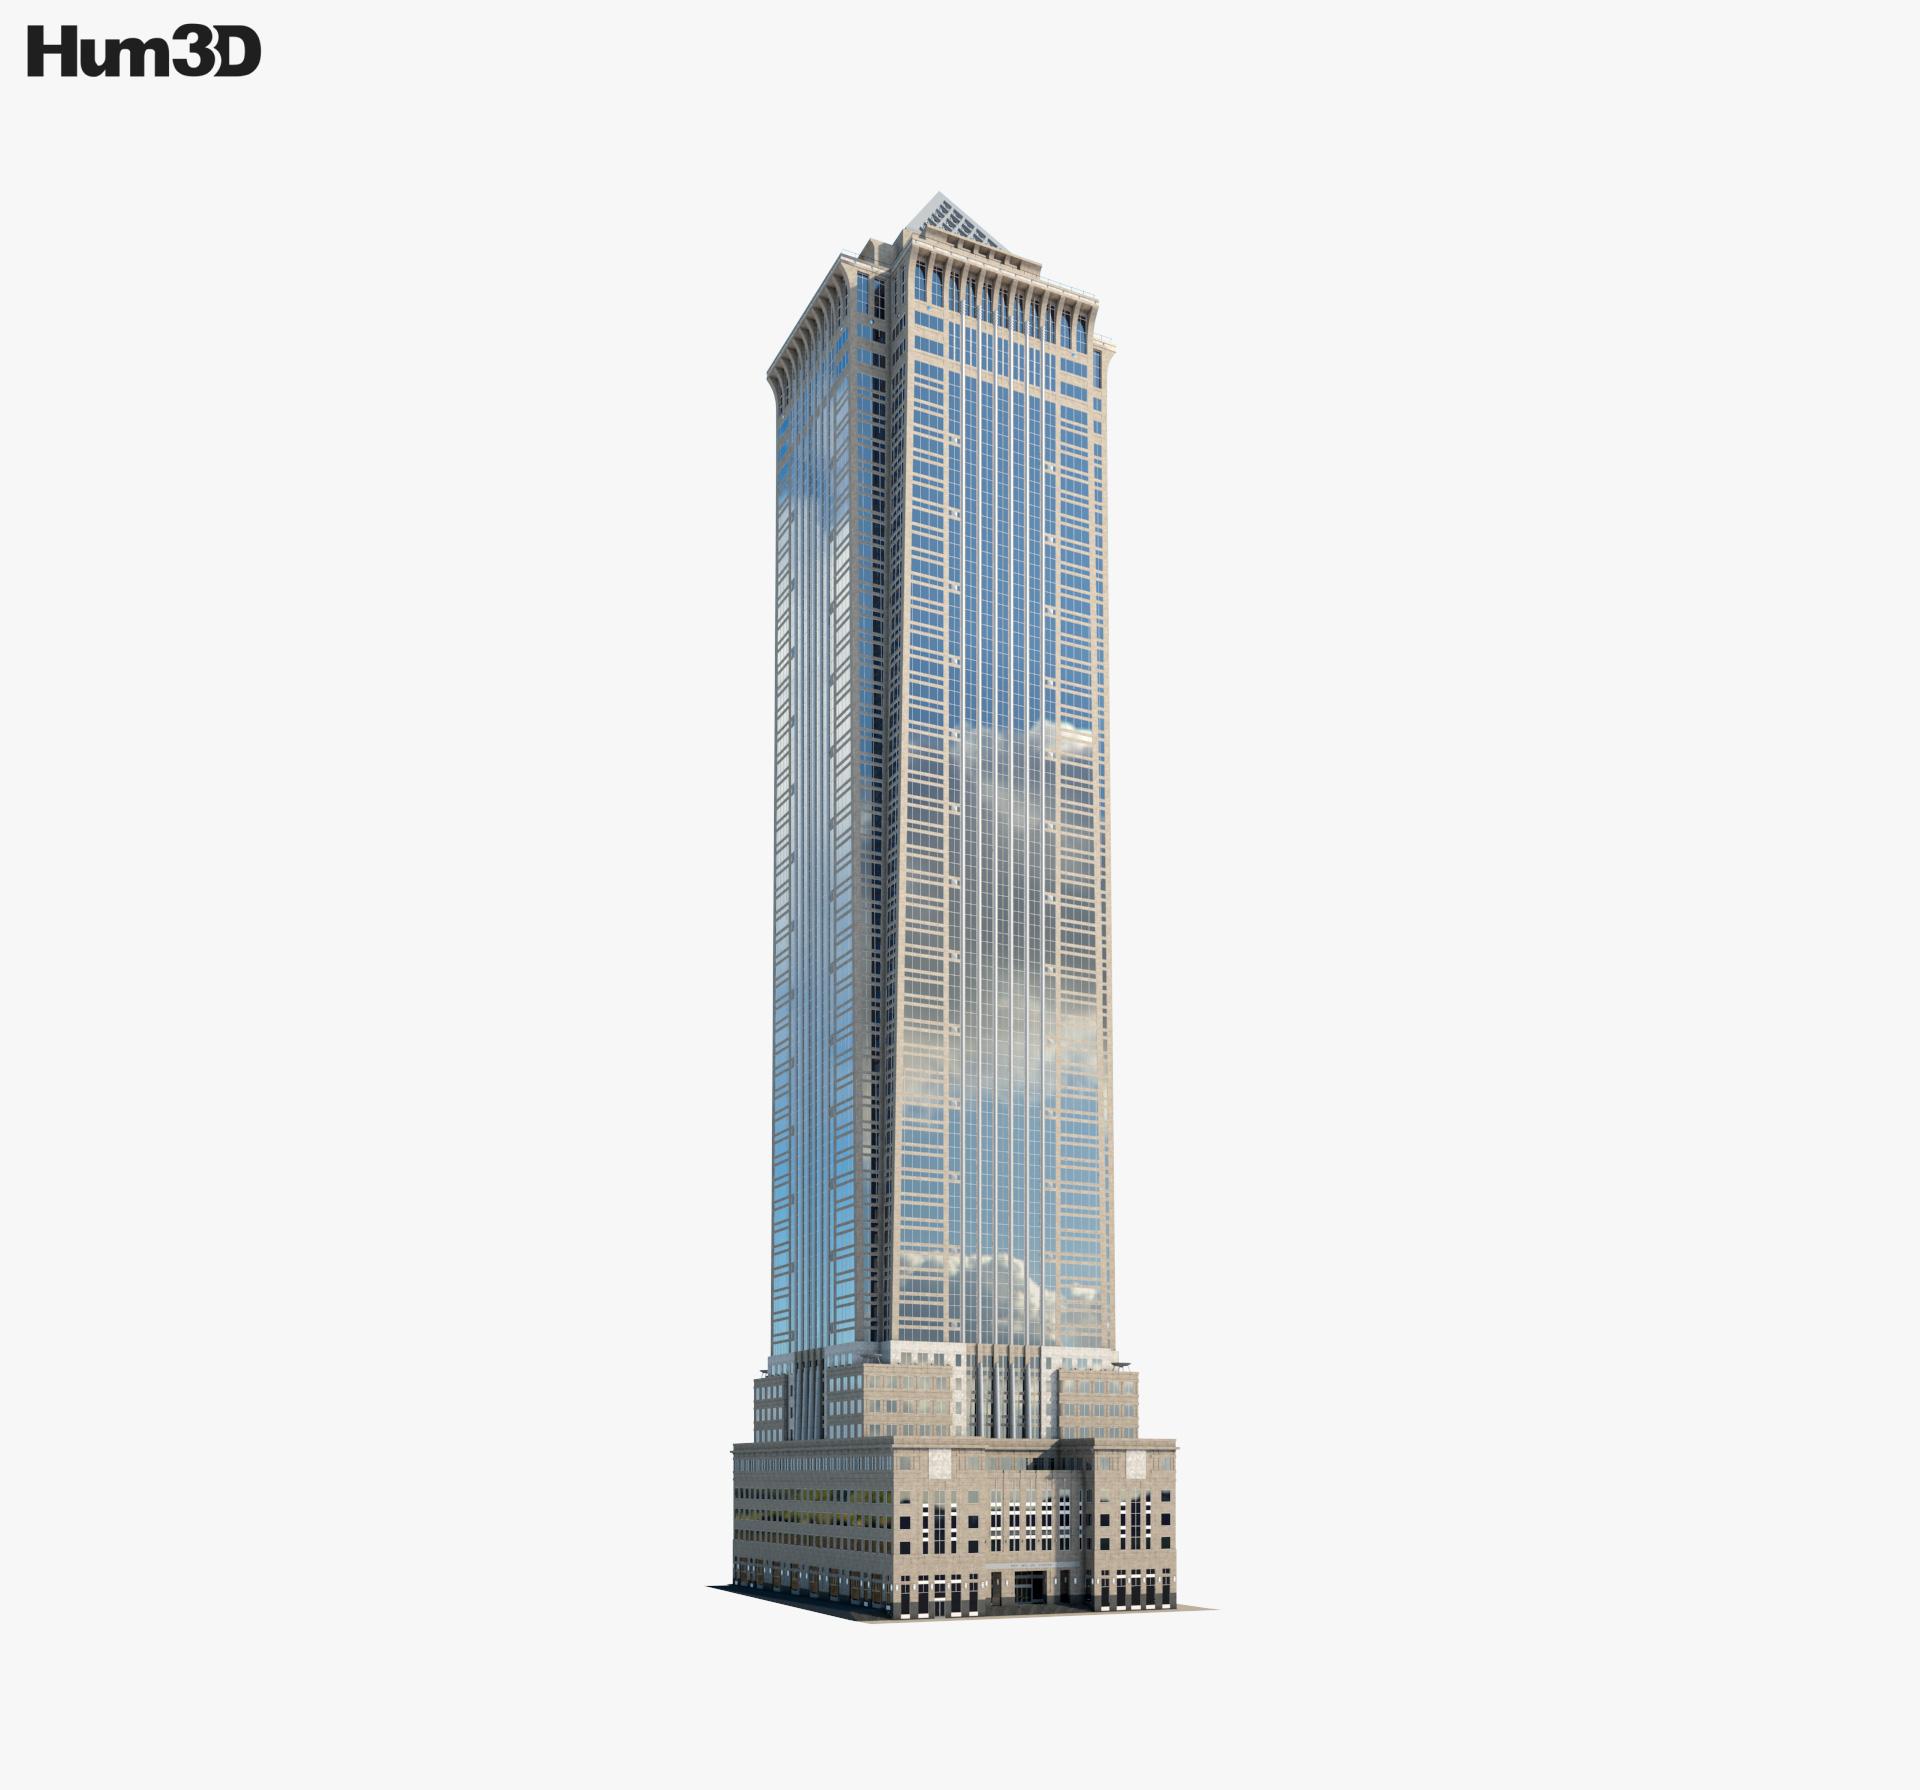 Servcorp BNY Mellon Center 3D model.